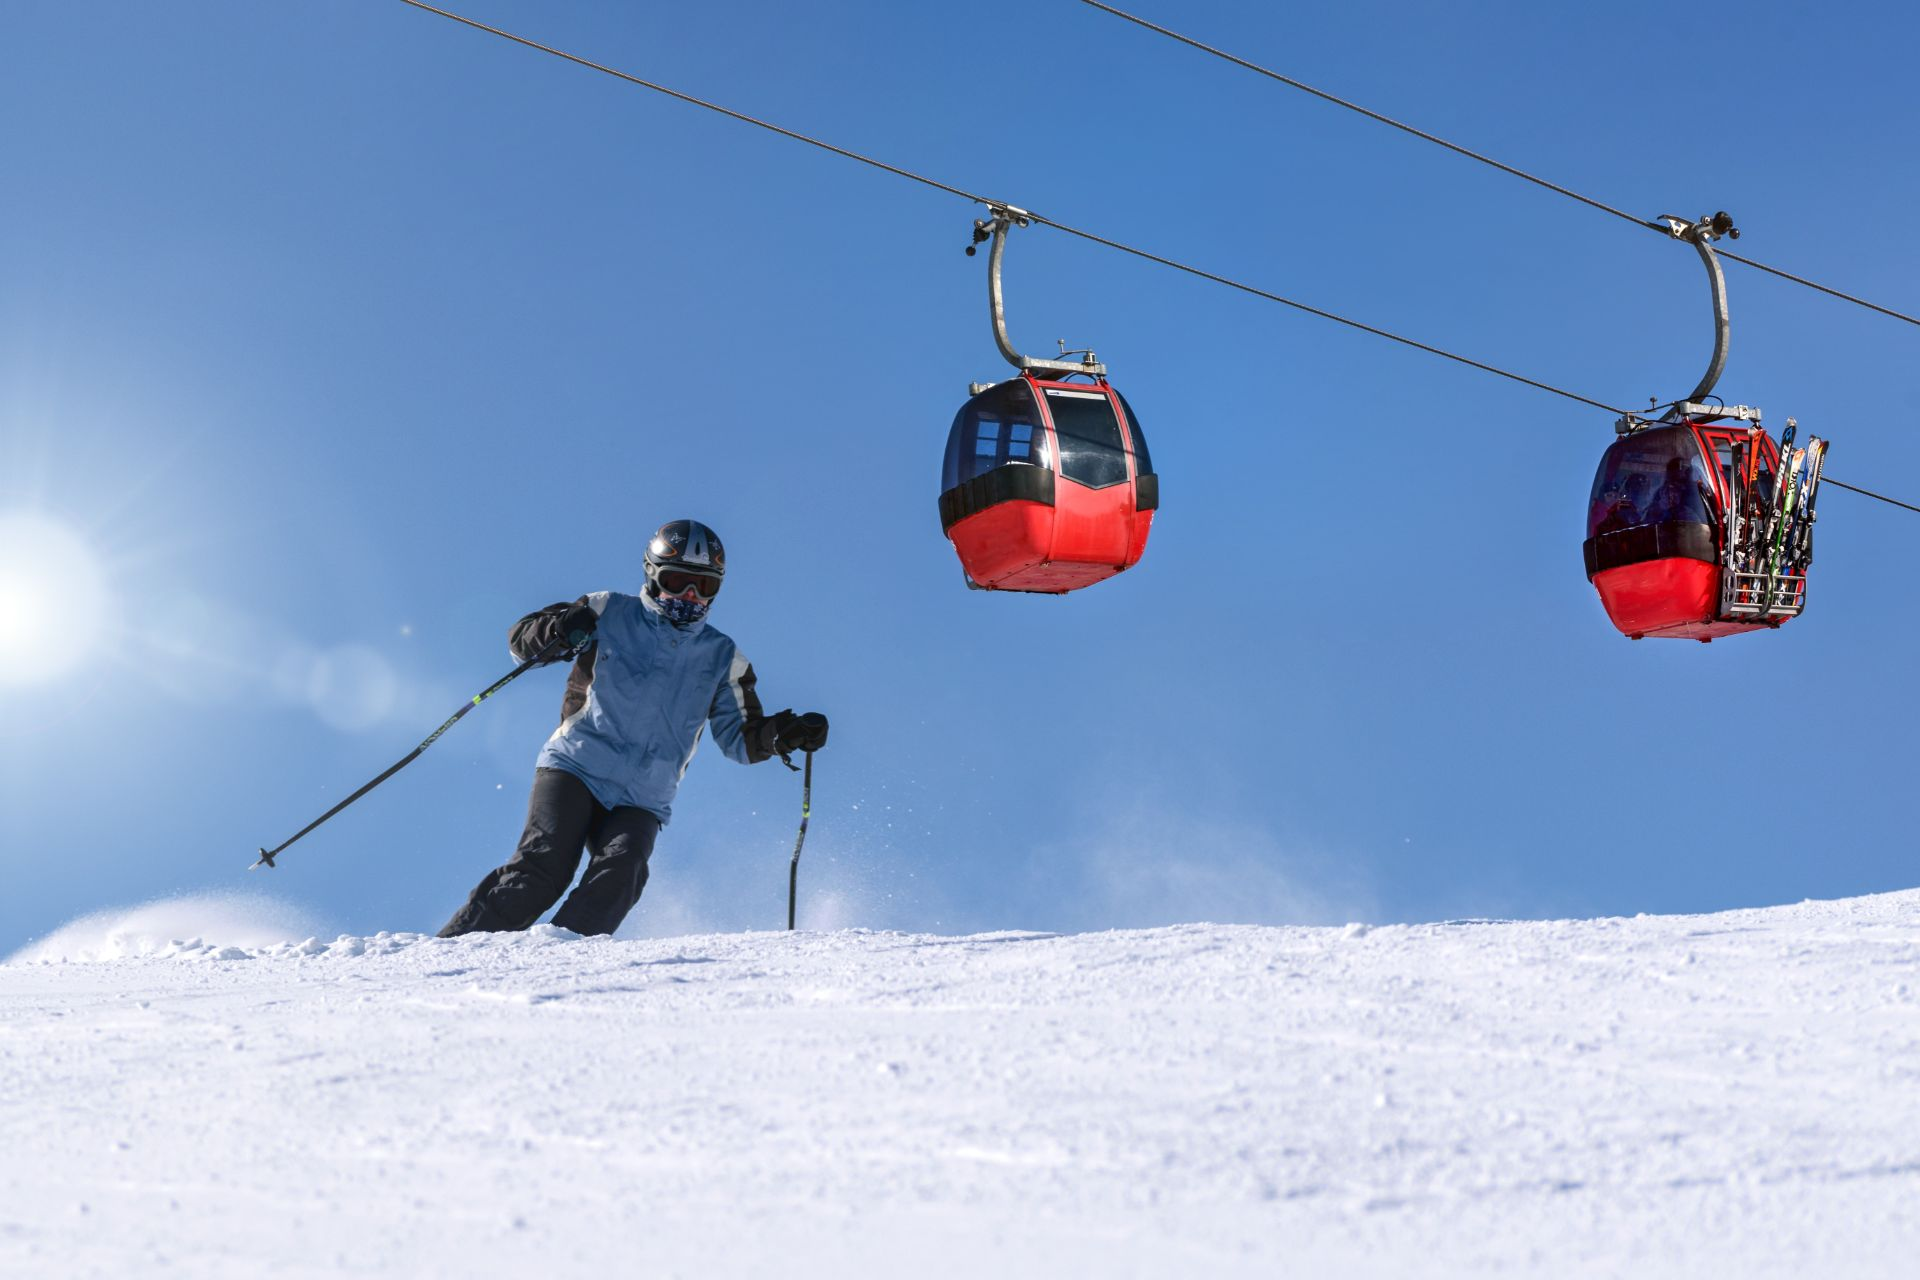 gondola skiing.jpg